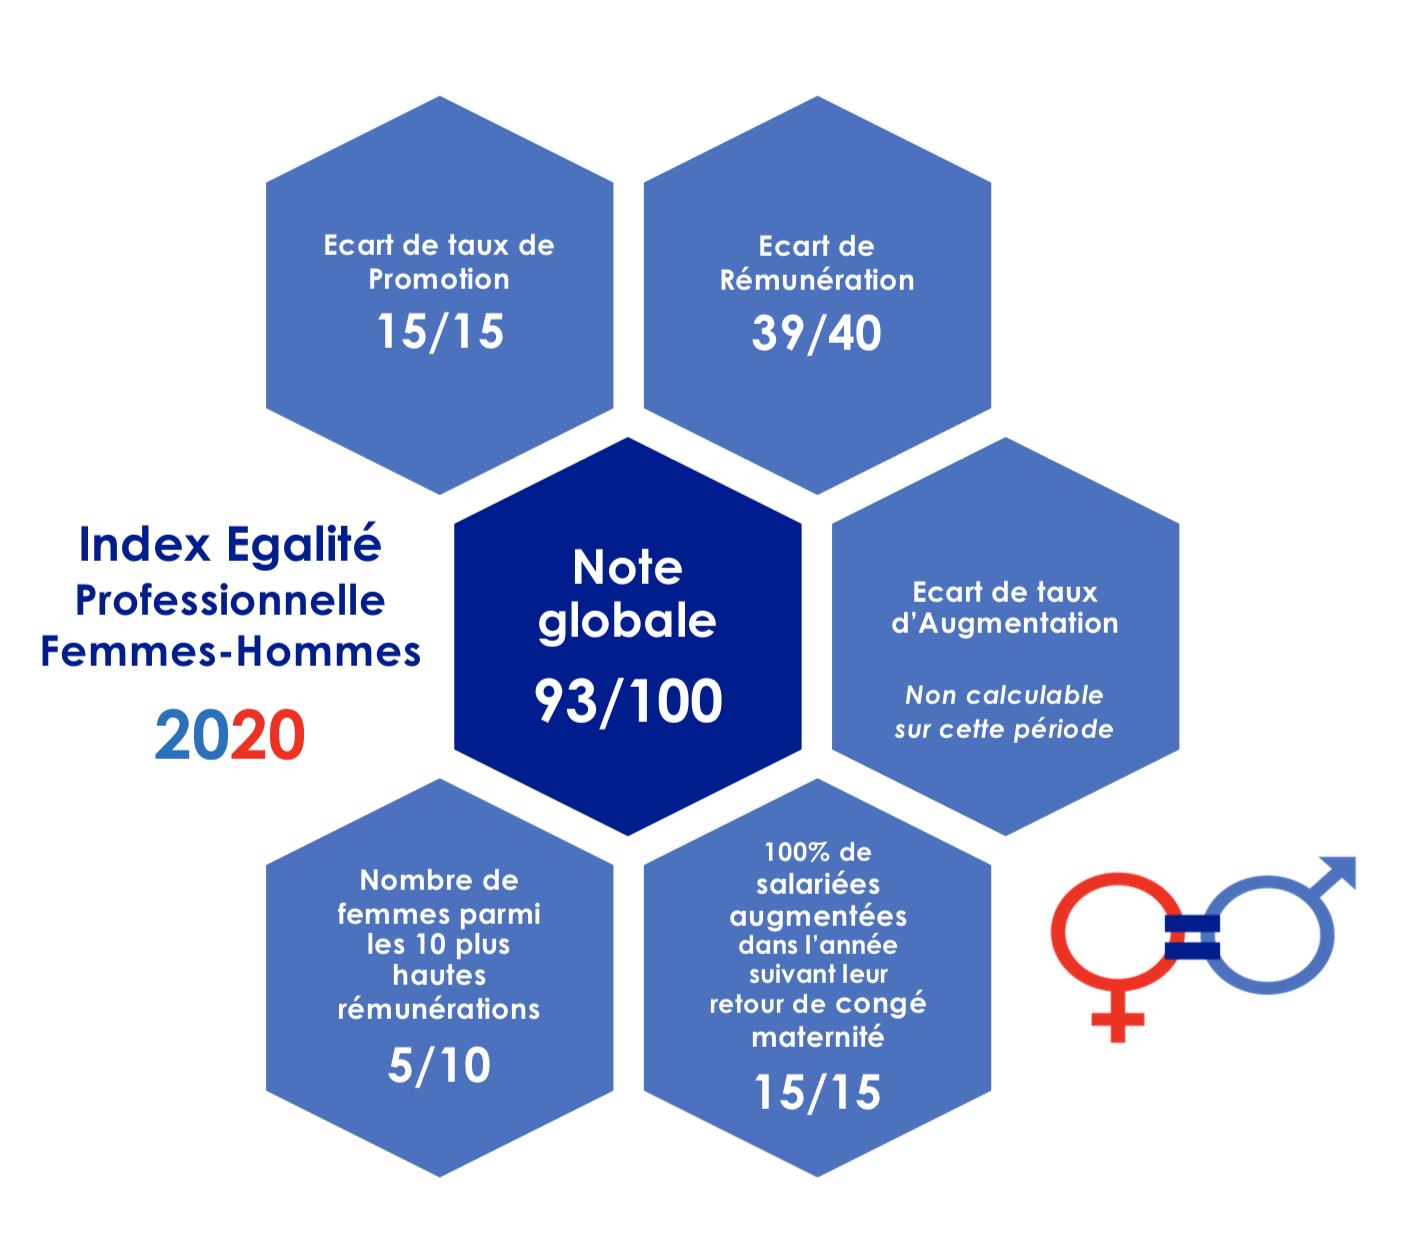 Le Groupe Saturne - Index égalité Hommes/Femmes - Nettoyage professionnel - Entreprise de nettoyage